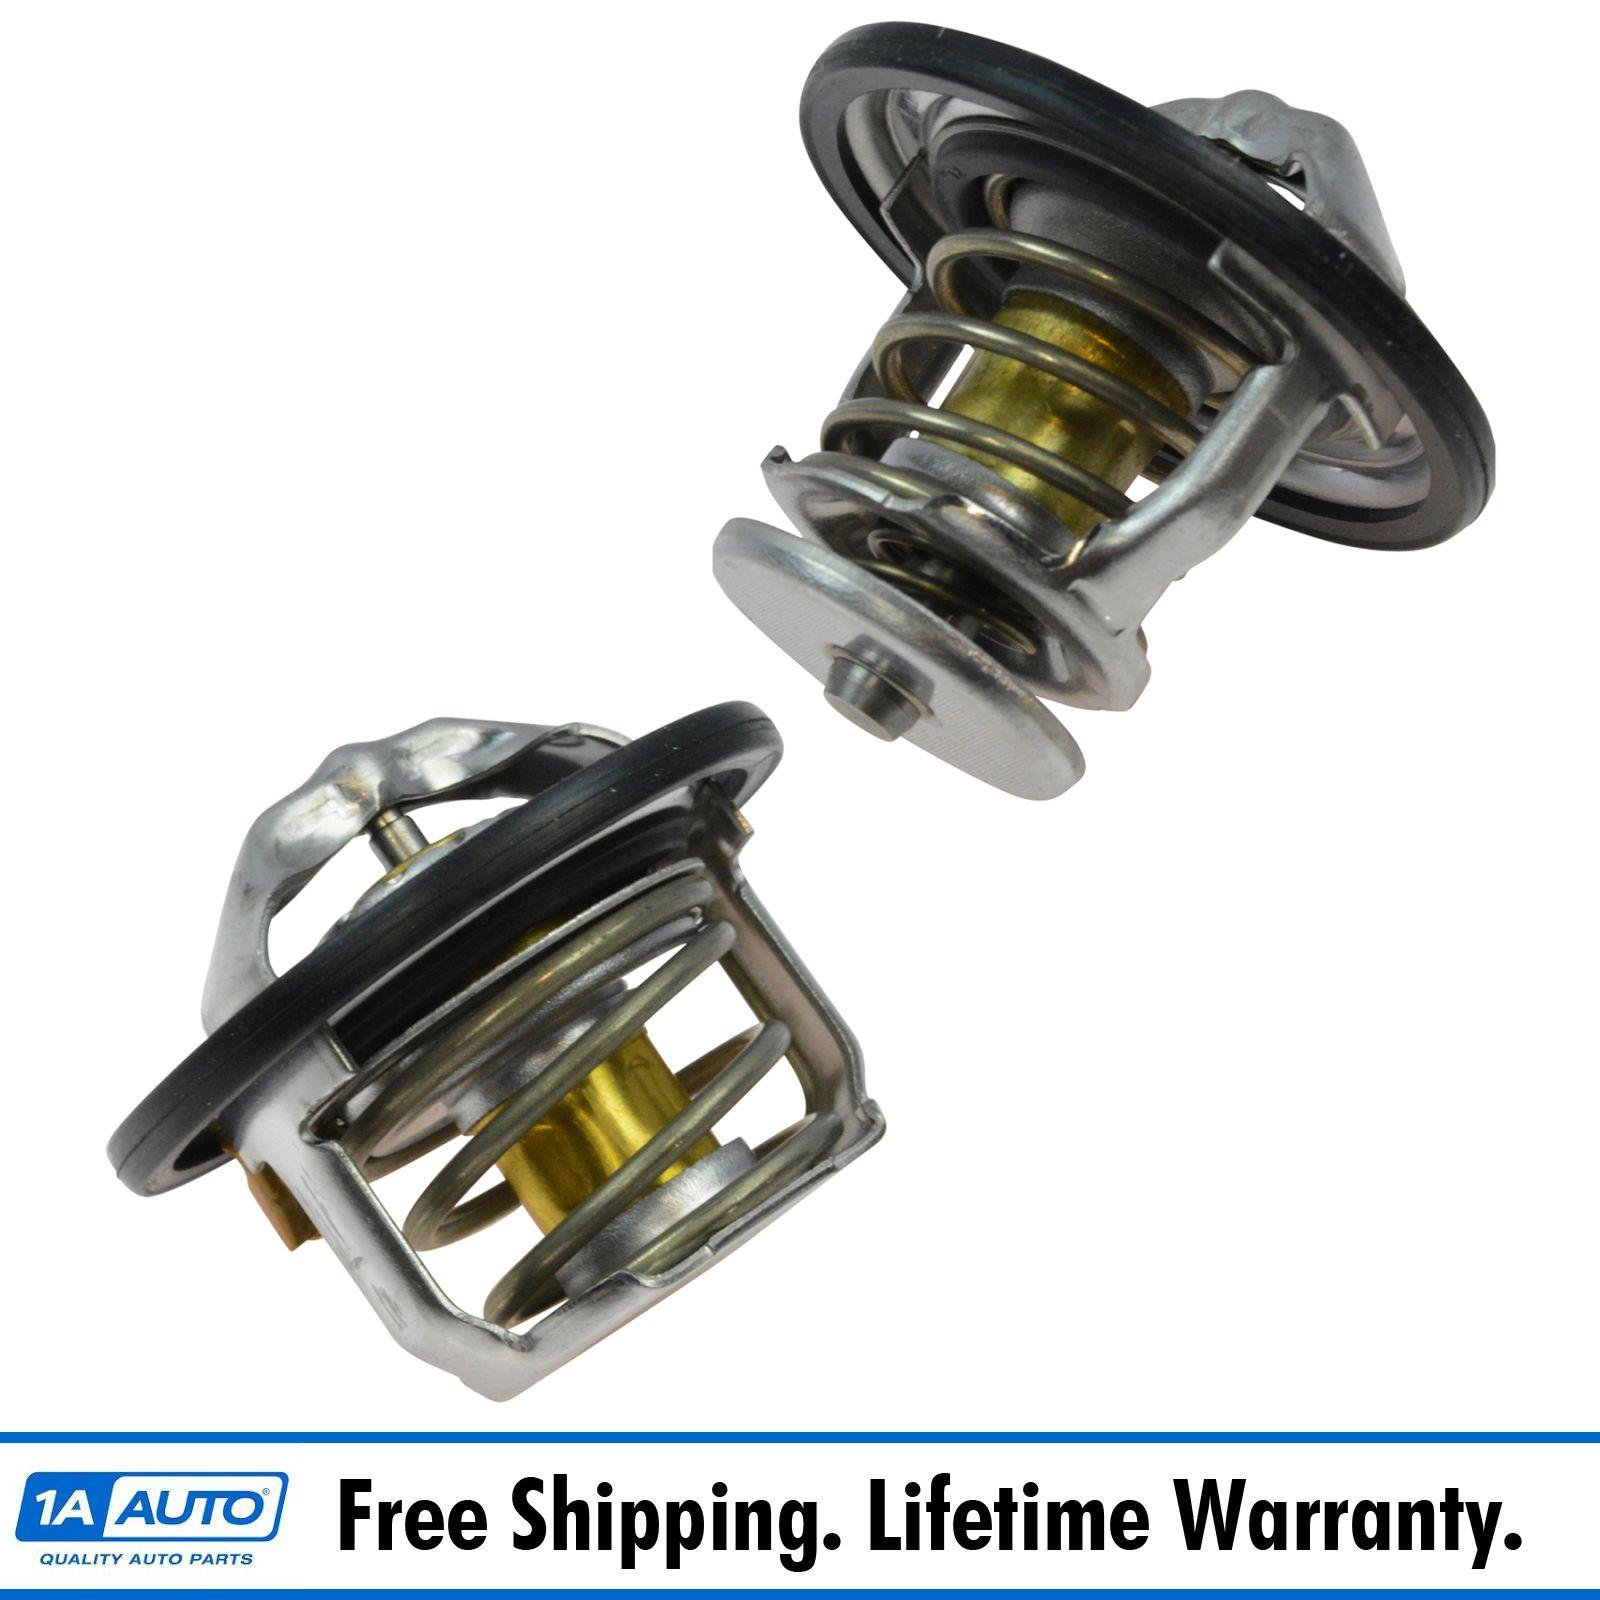 195 Degree Thermostat 2 1//8 Diameter Aluminum Multifit for AMC Chrysler GM